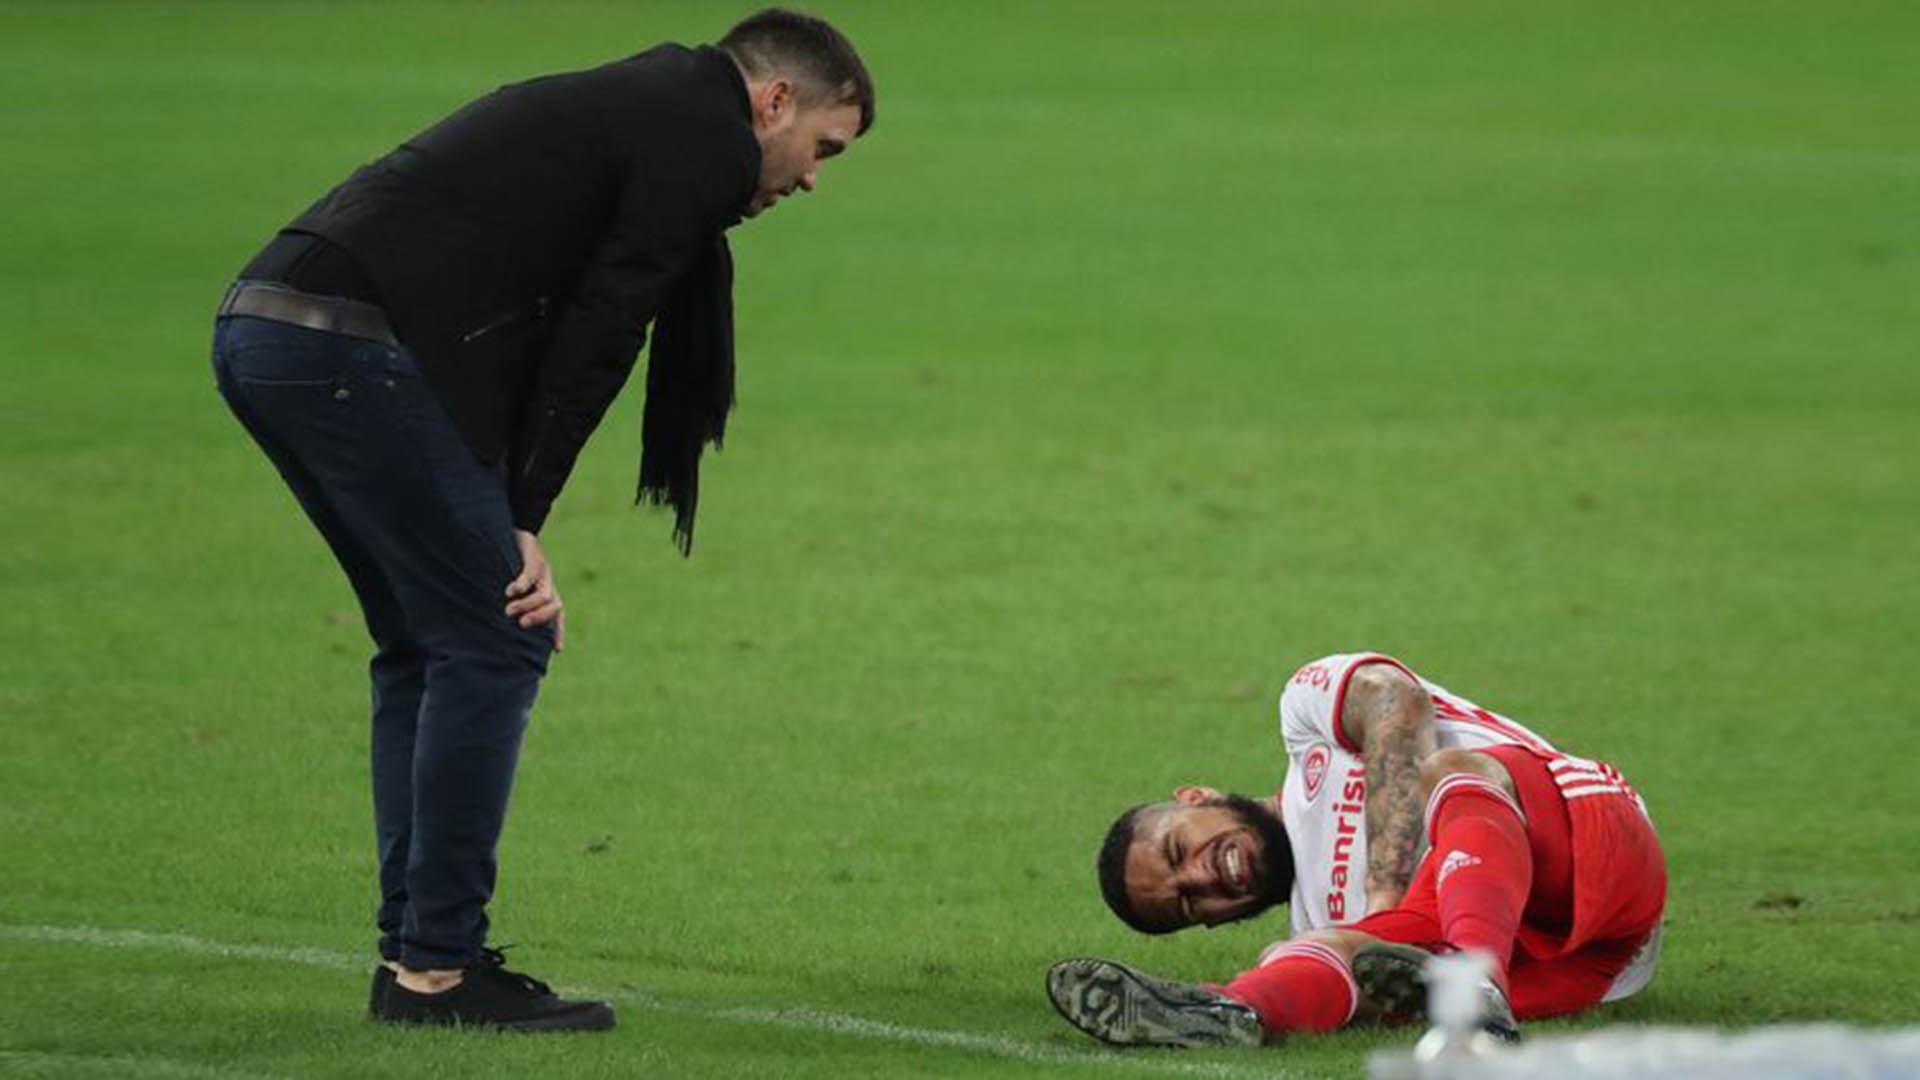 Paolo Guerrero sufrió una grave lesión y será baja en lo que resta del año  para el Inter de Porto Alegre - Infobae